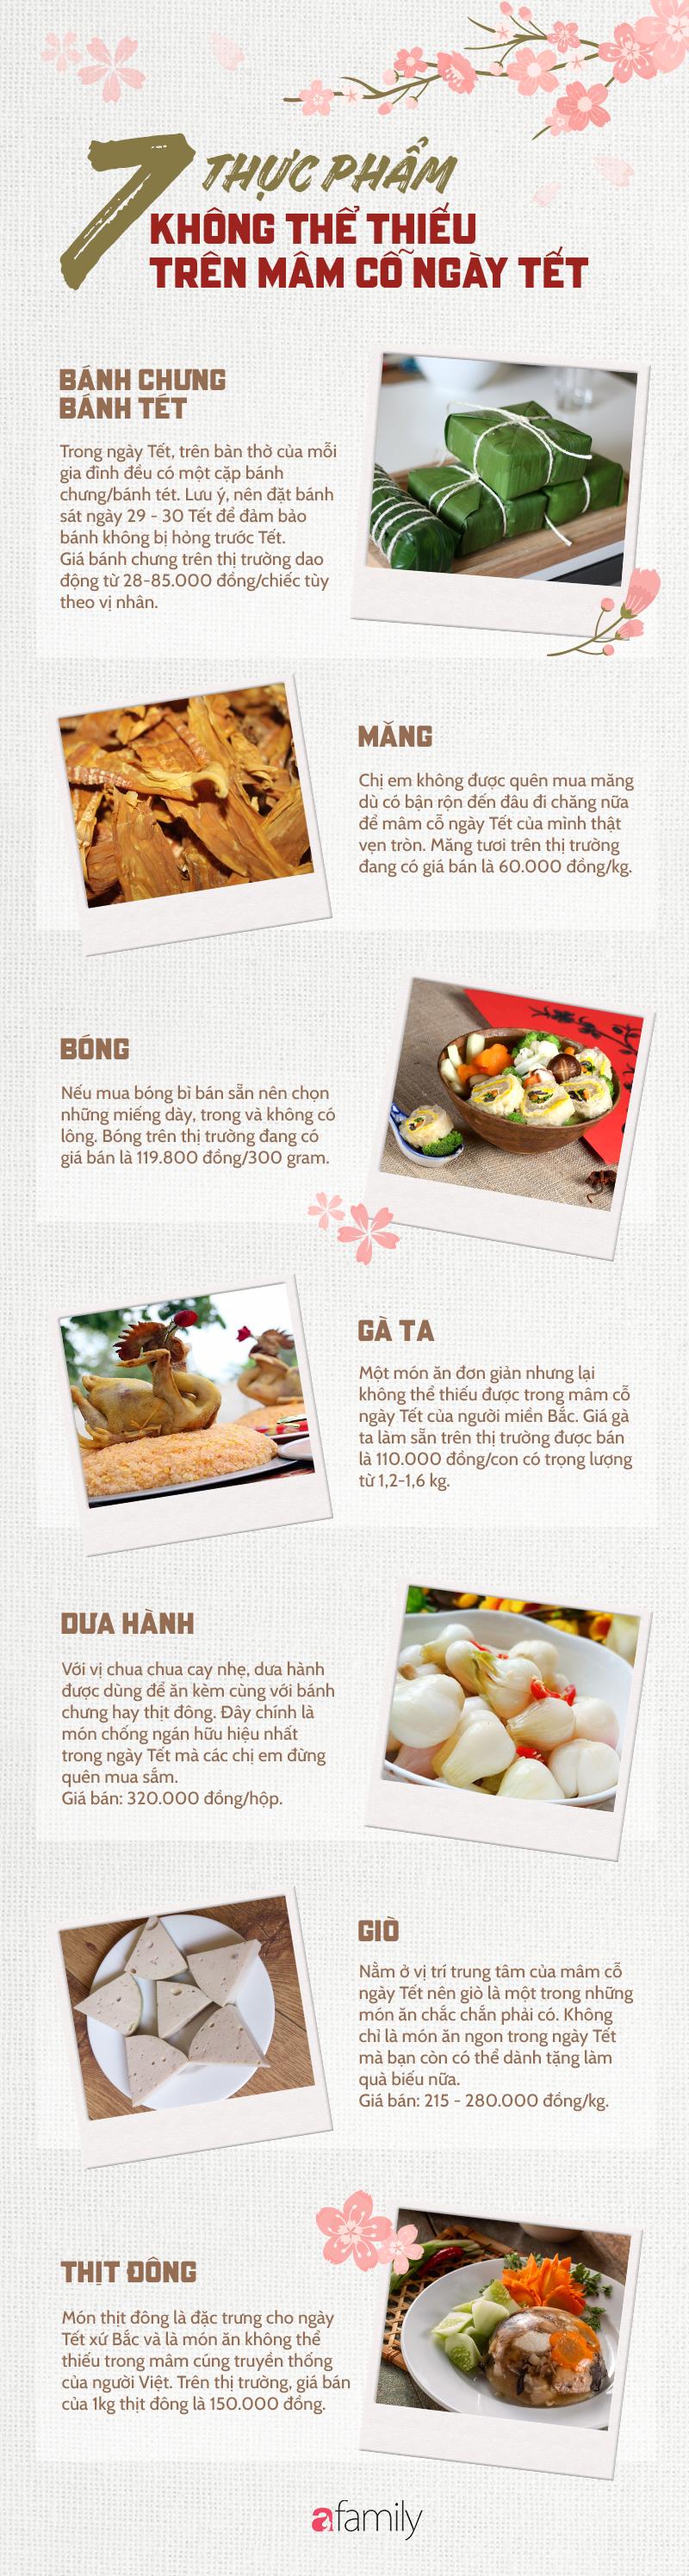 Danh sách các thực phẩm không thể thiếu trên mâm cỗ để chị em bận rộn chỉ việc mua theo - Ảnh 2.